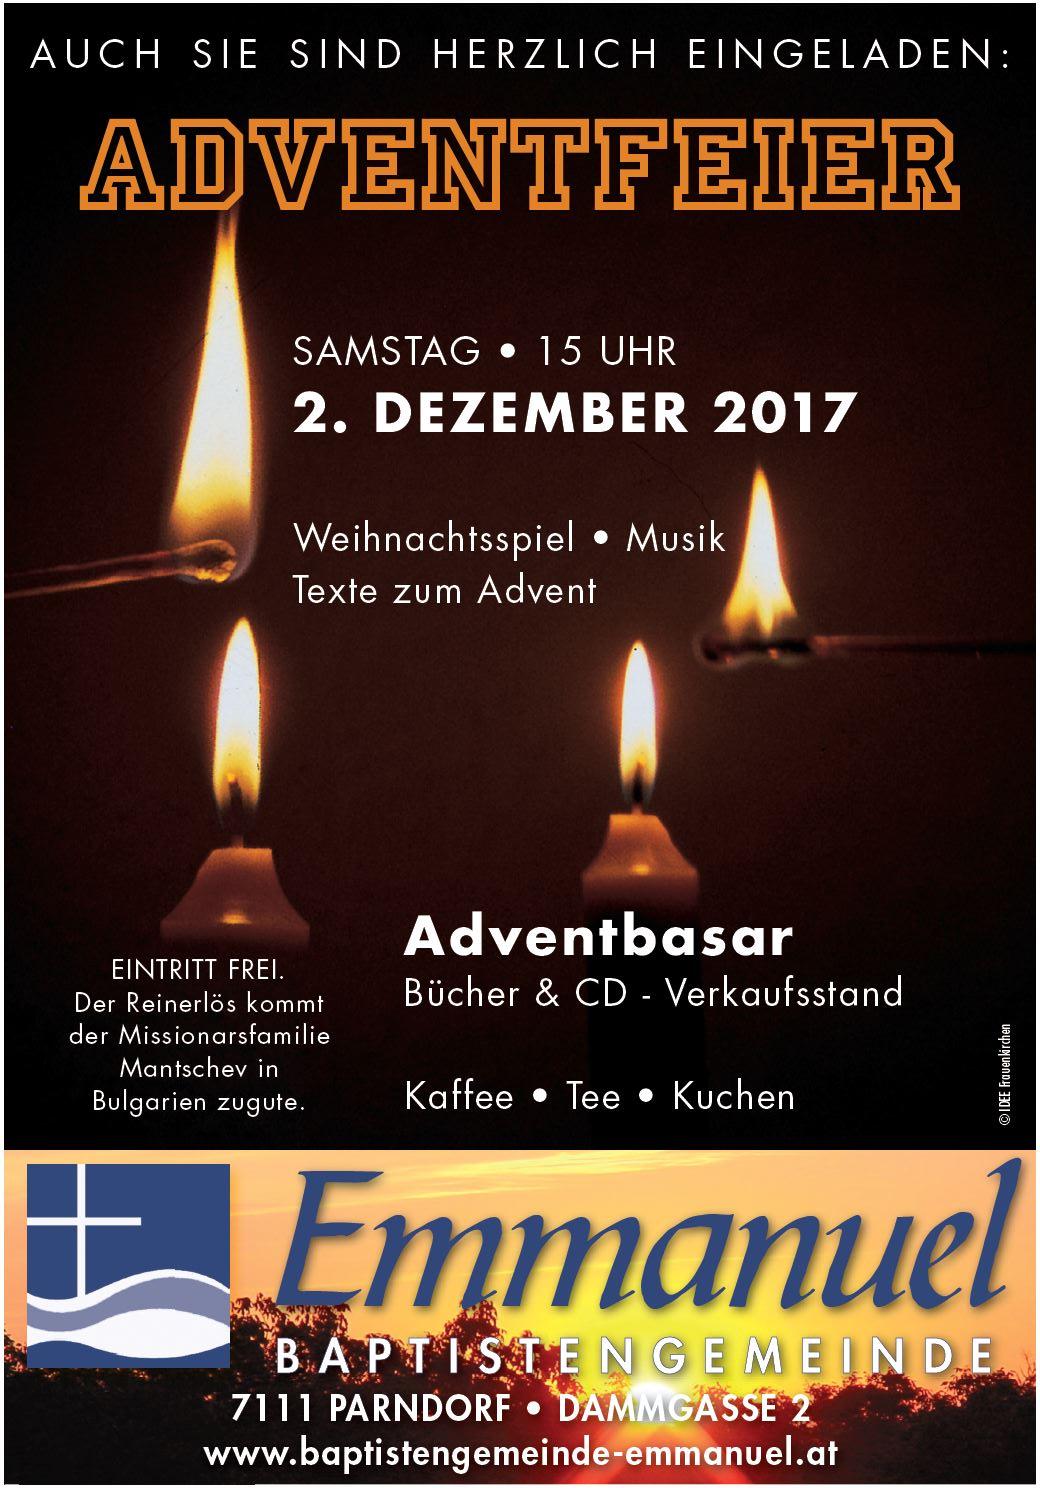 Herzliche Einladung zur Adventfeier 2017